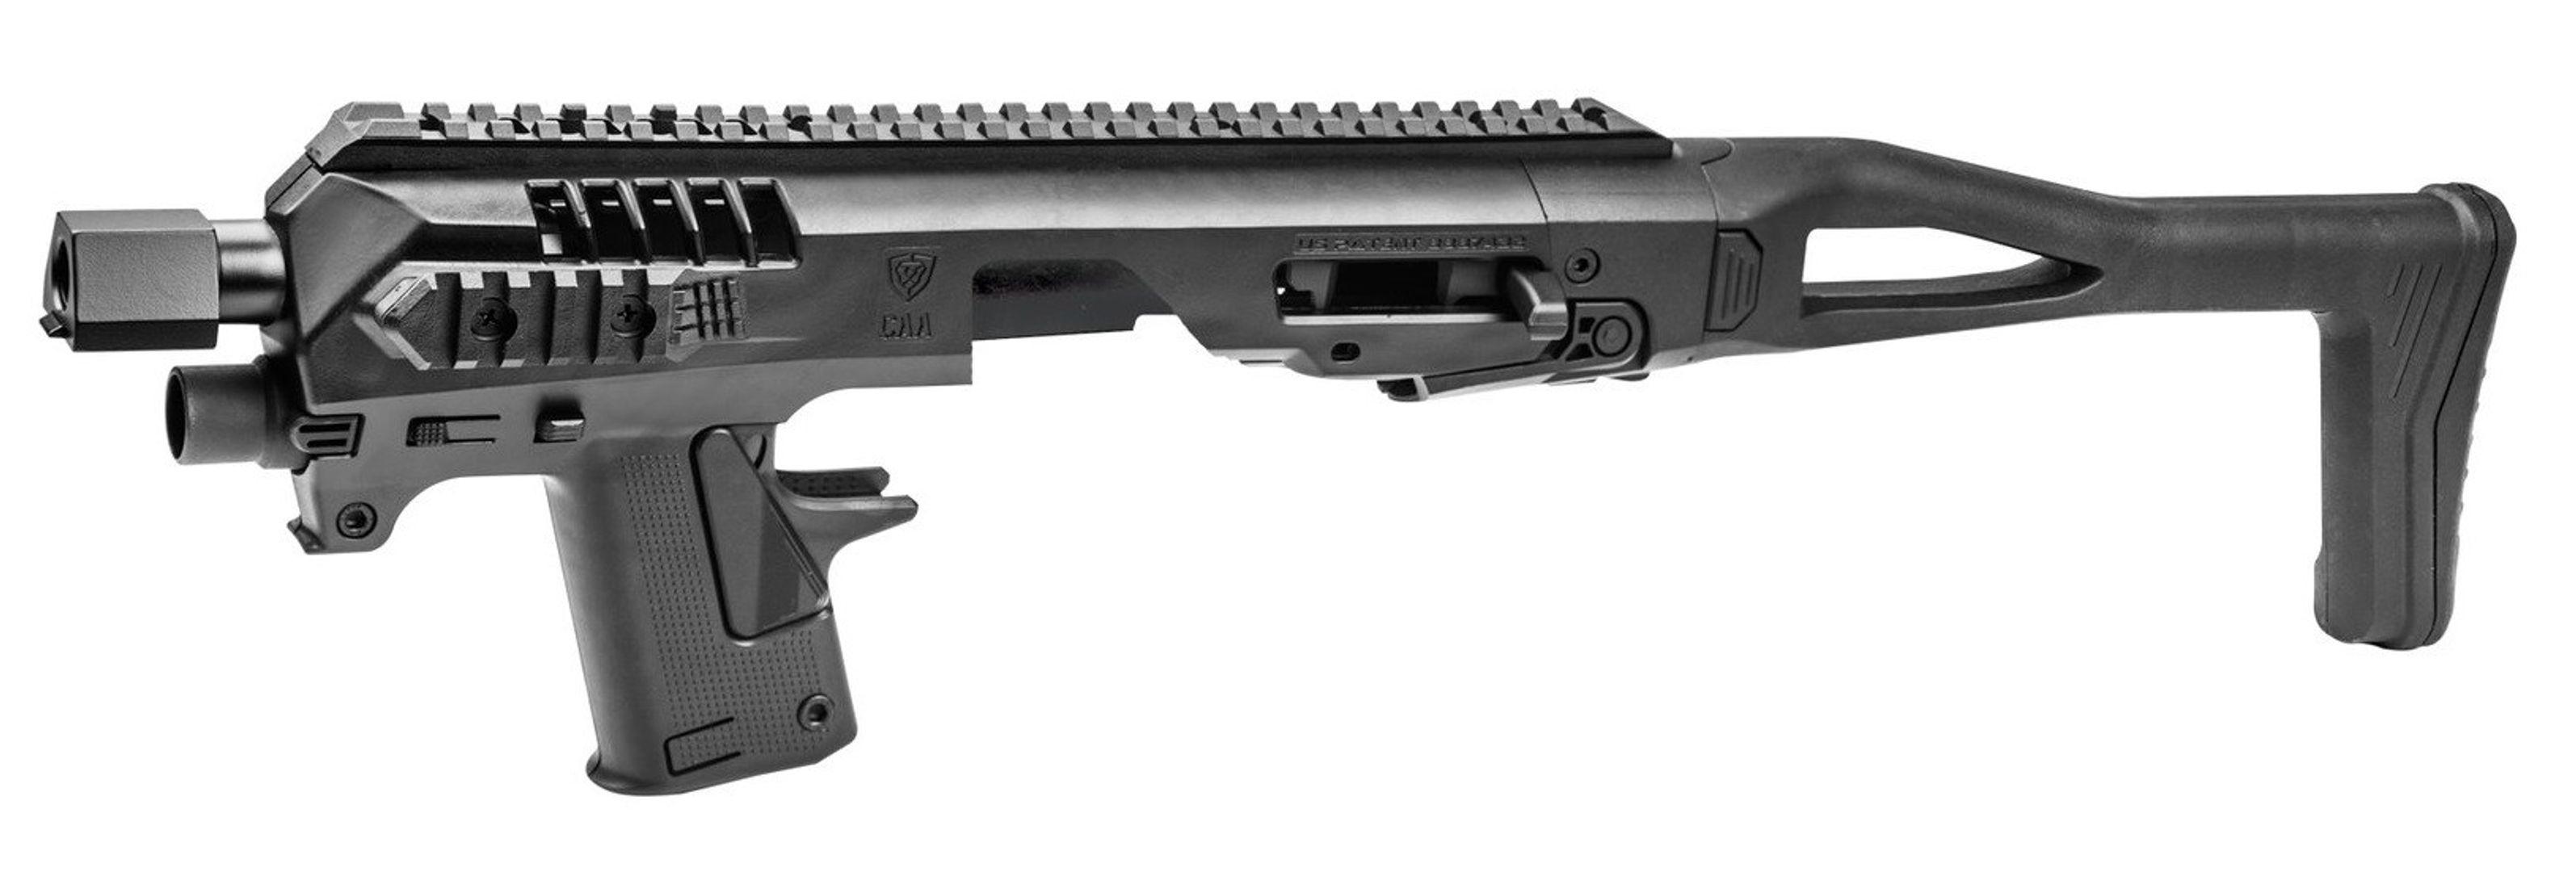 Micro Roni Generation 4 for Beretta APX